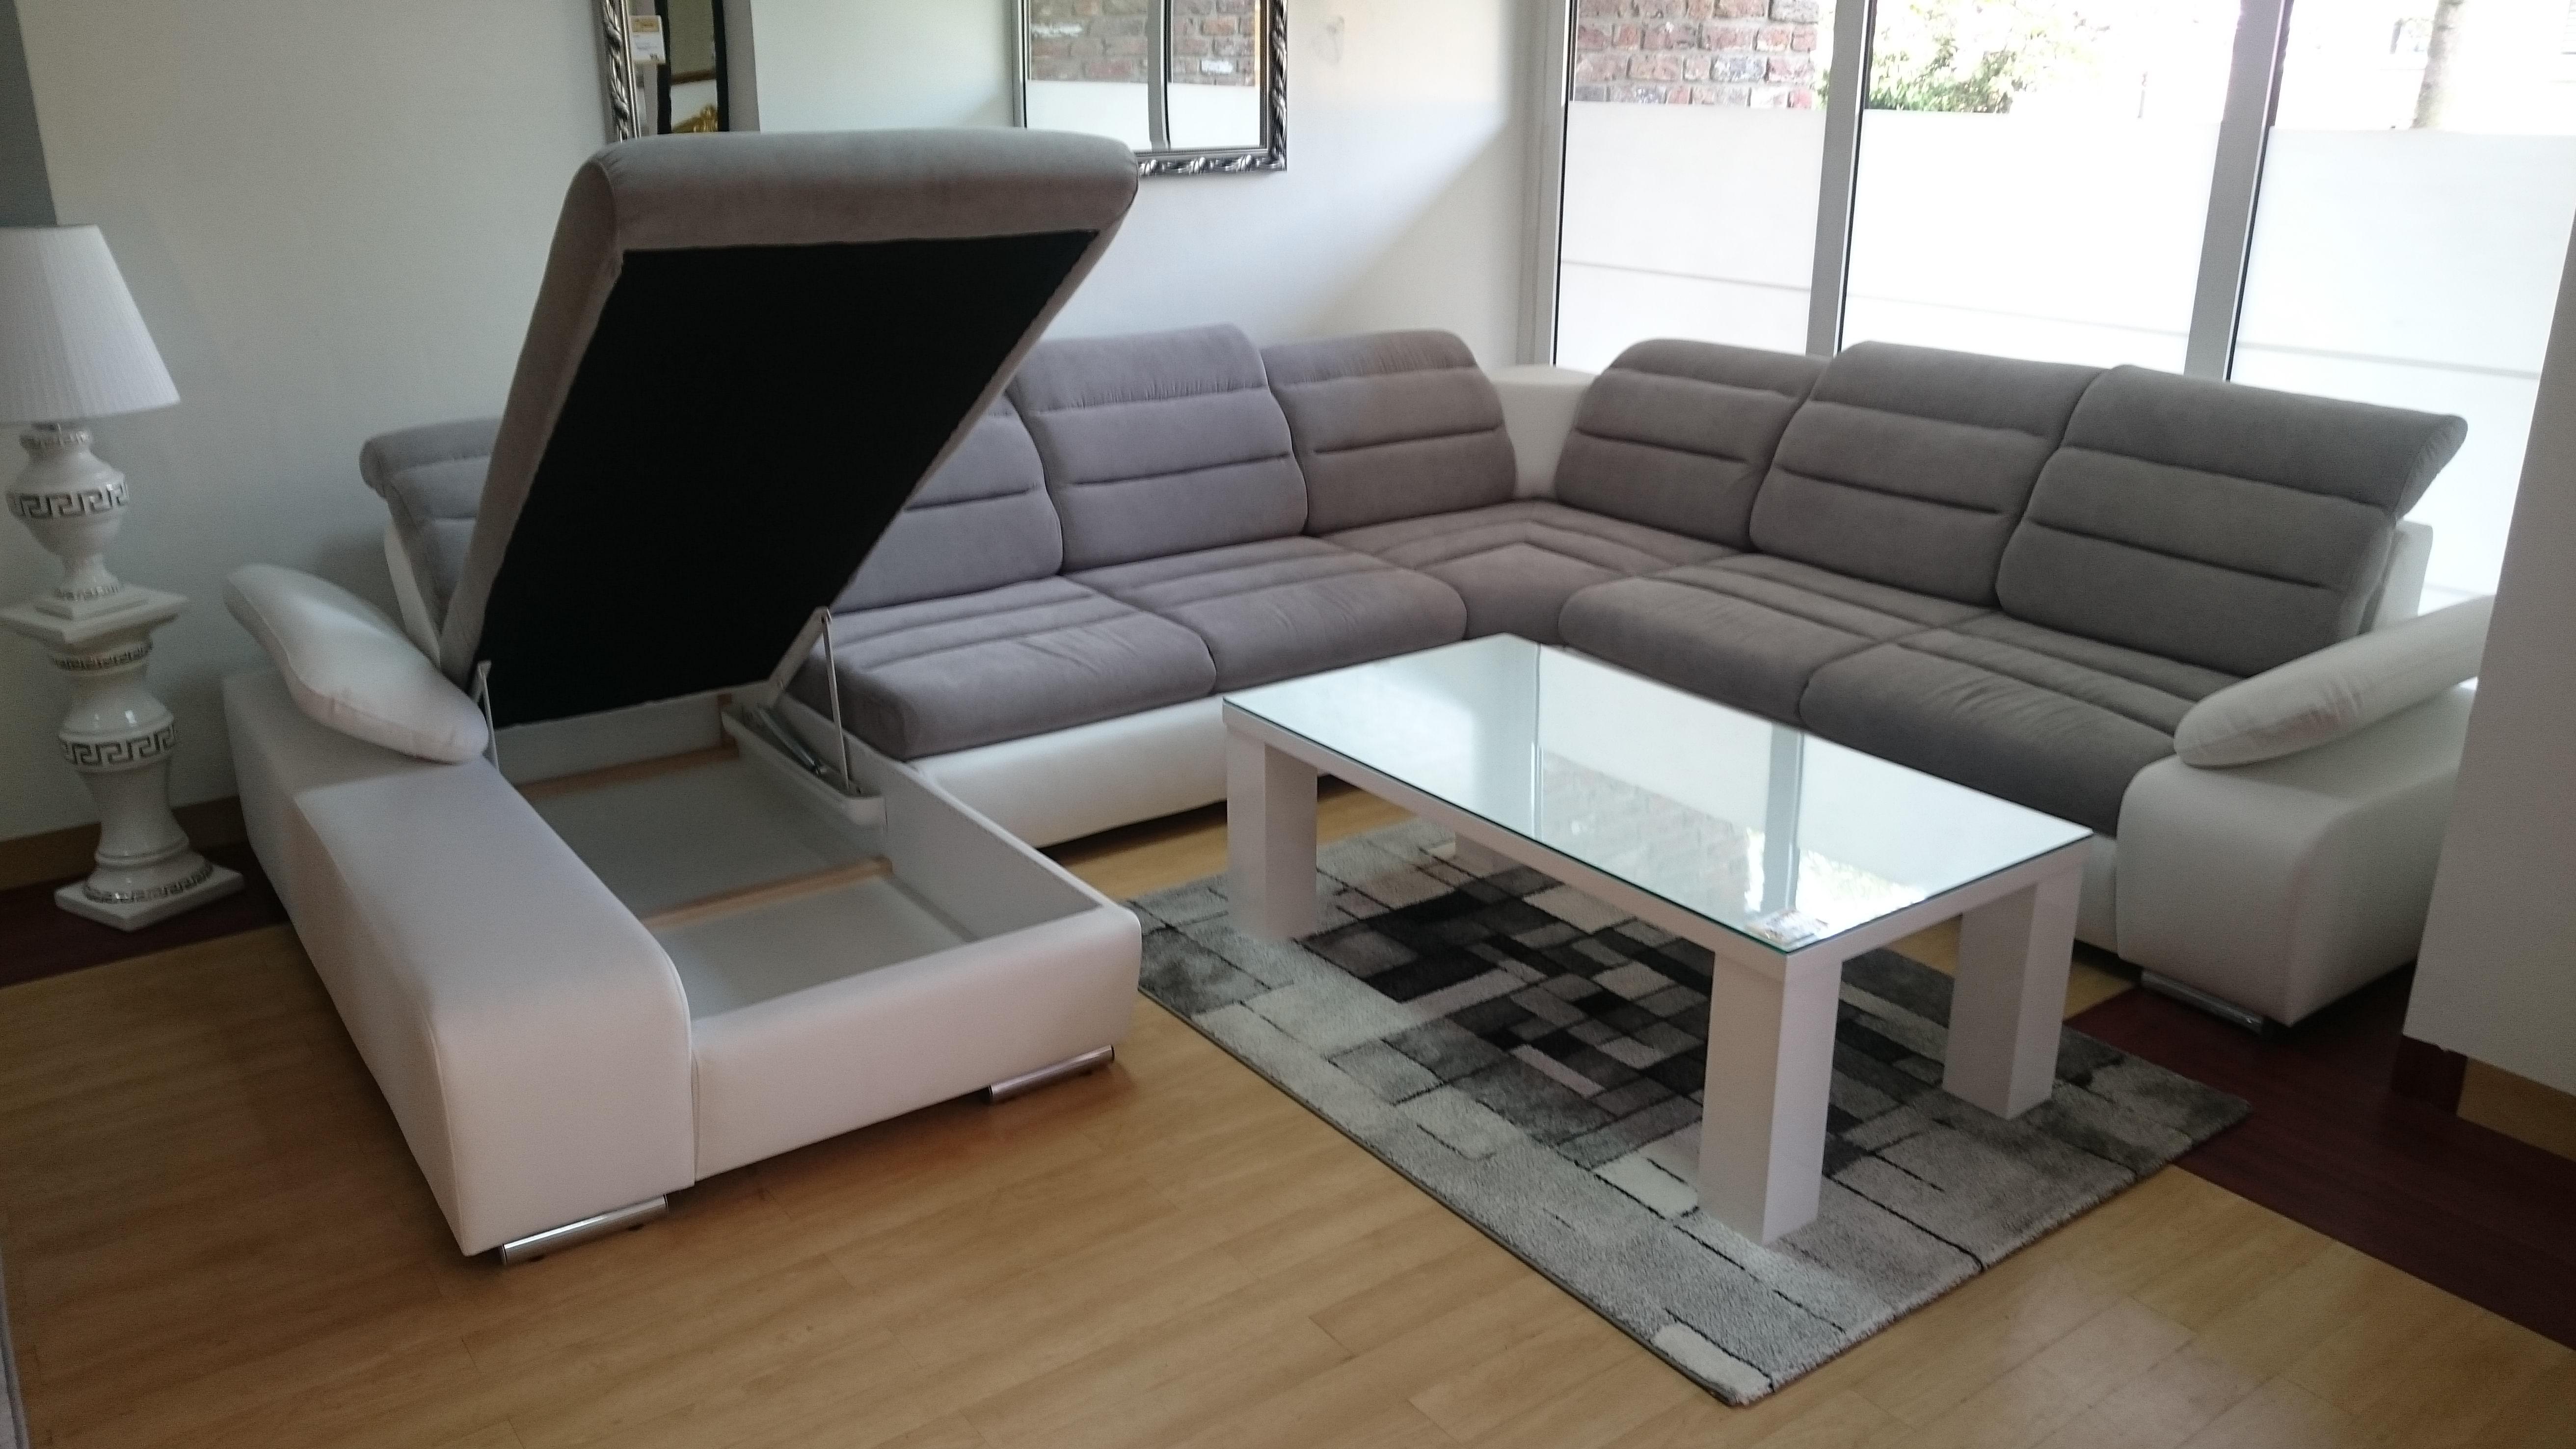 decopoint m bel in troisdorf korfu couch mit. Black Bedroom Furniture Sets. Home Design Ideas